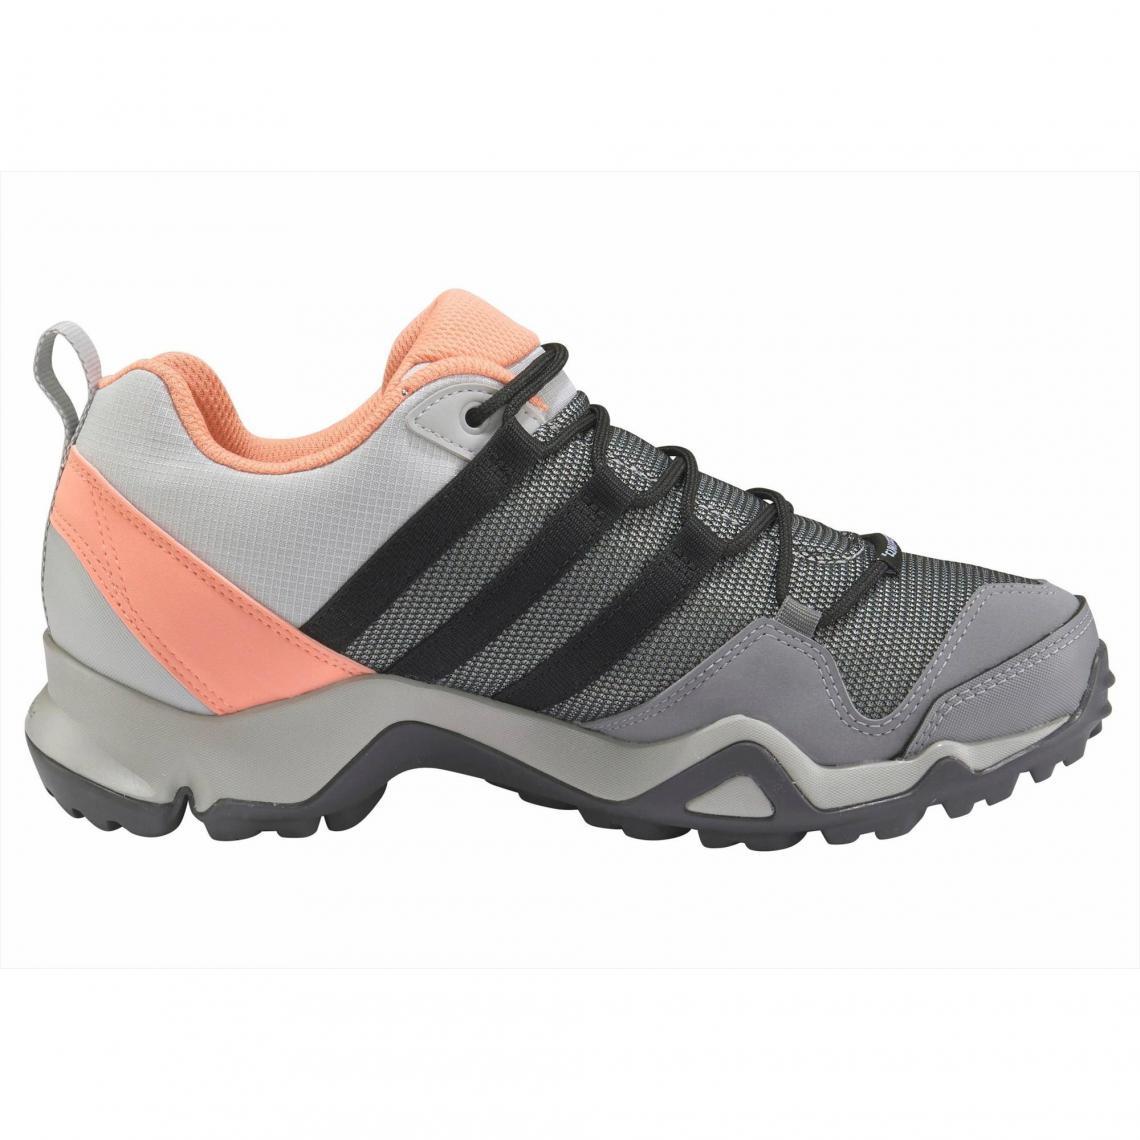 Sneakers Adidas Performance Cliquez l image pour l agrandir. Chaussures  outdoor femme adidas Performance Terrex AX2 CP - Gris Clair Adidas  Performance 837659f5d7c